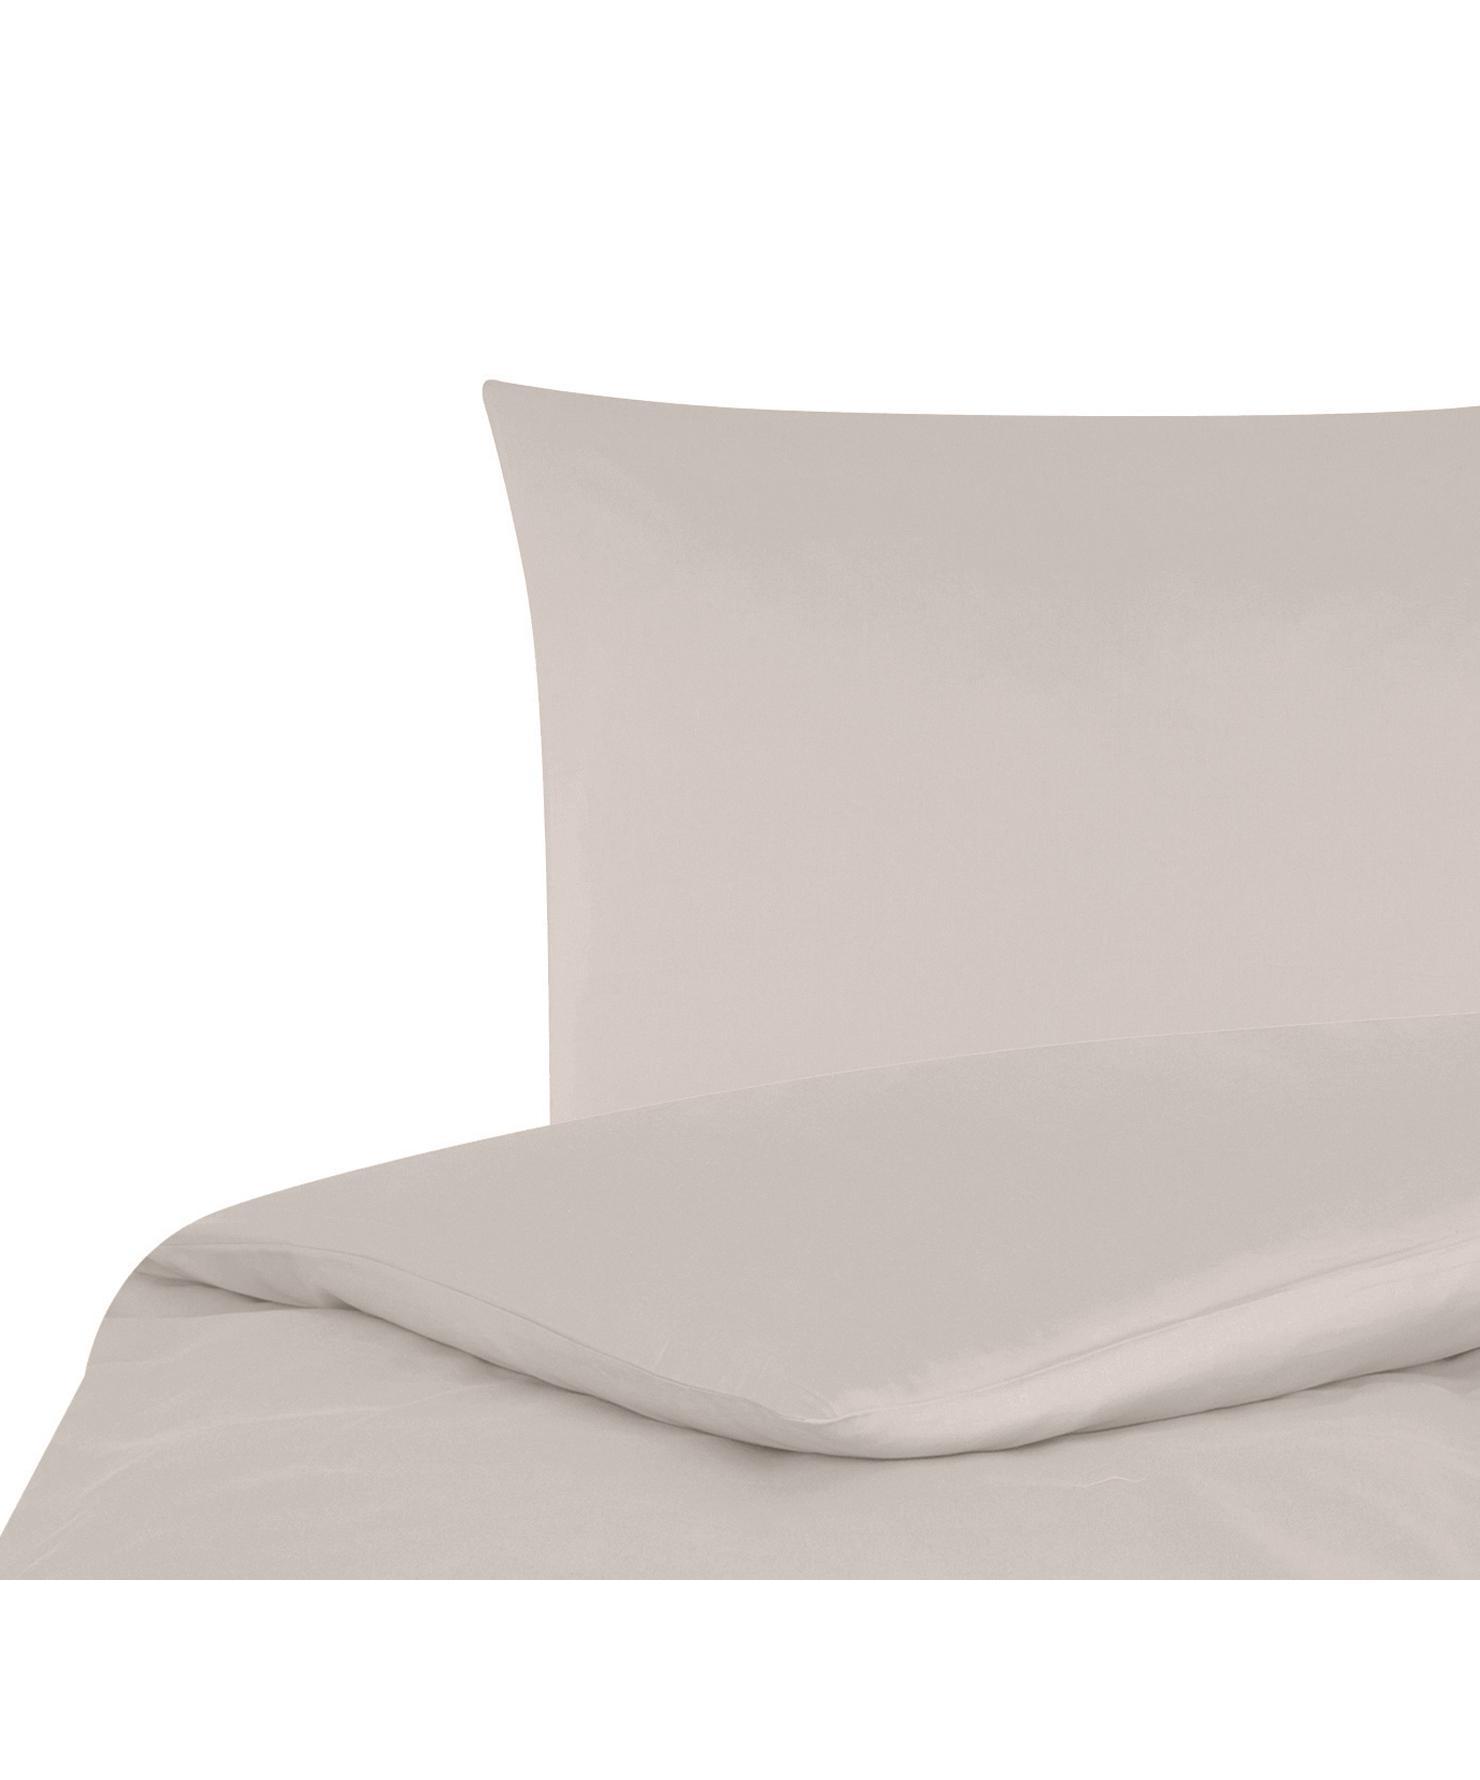 Katoensatijnen dekbedovertrek Comfort, Weeftechniek: satijn, licht glanzend, Taupe, 140 x 200 cm